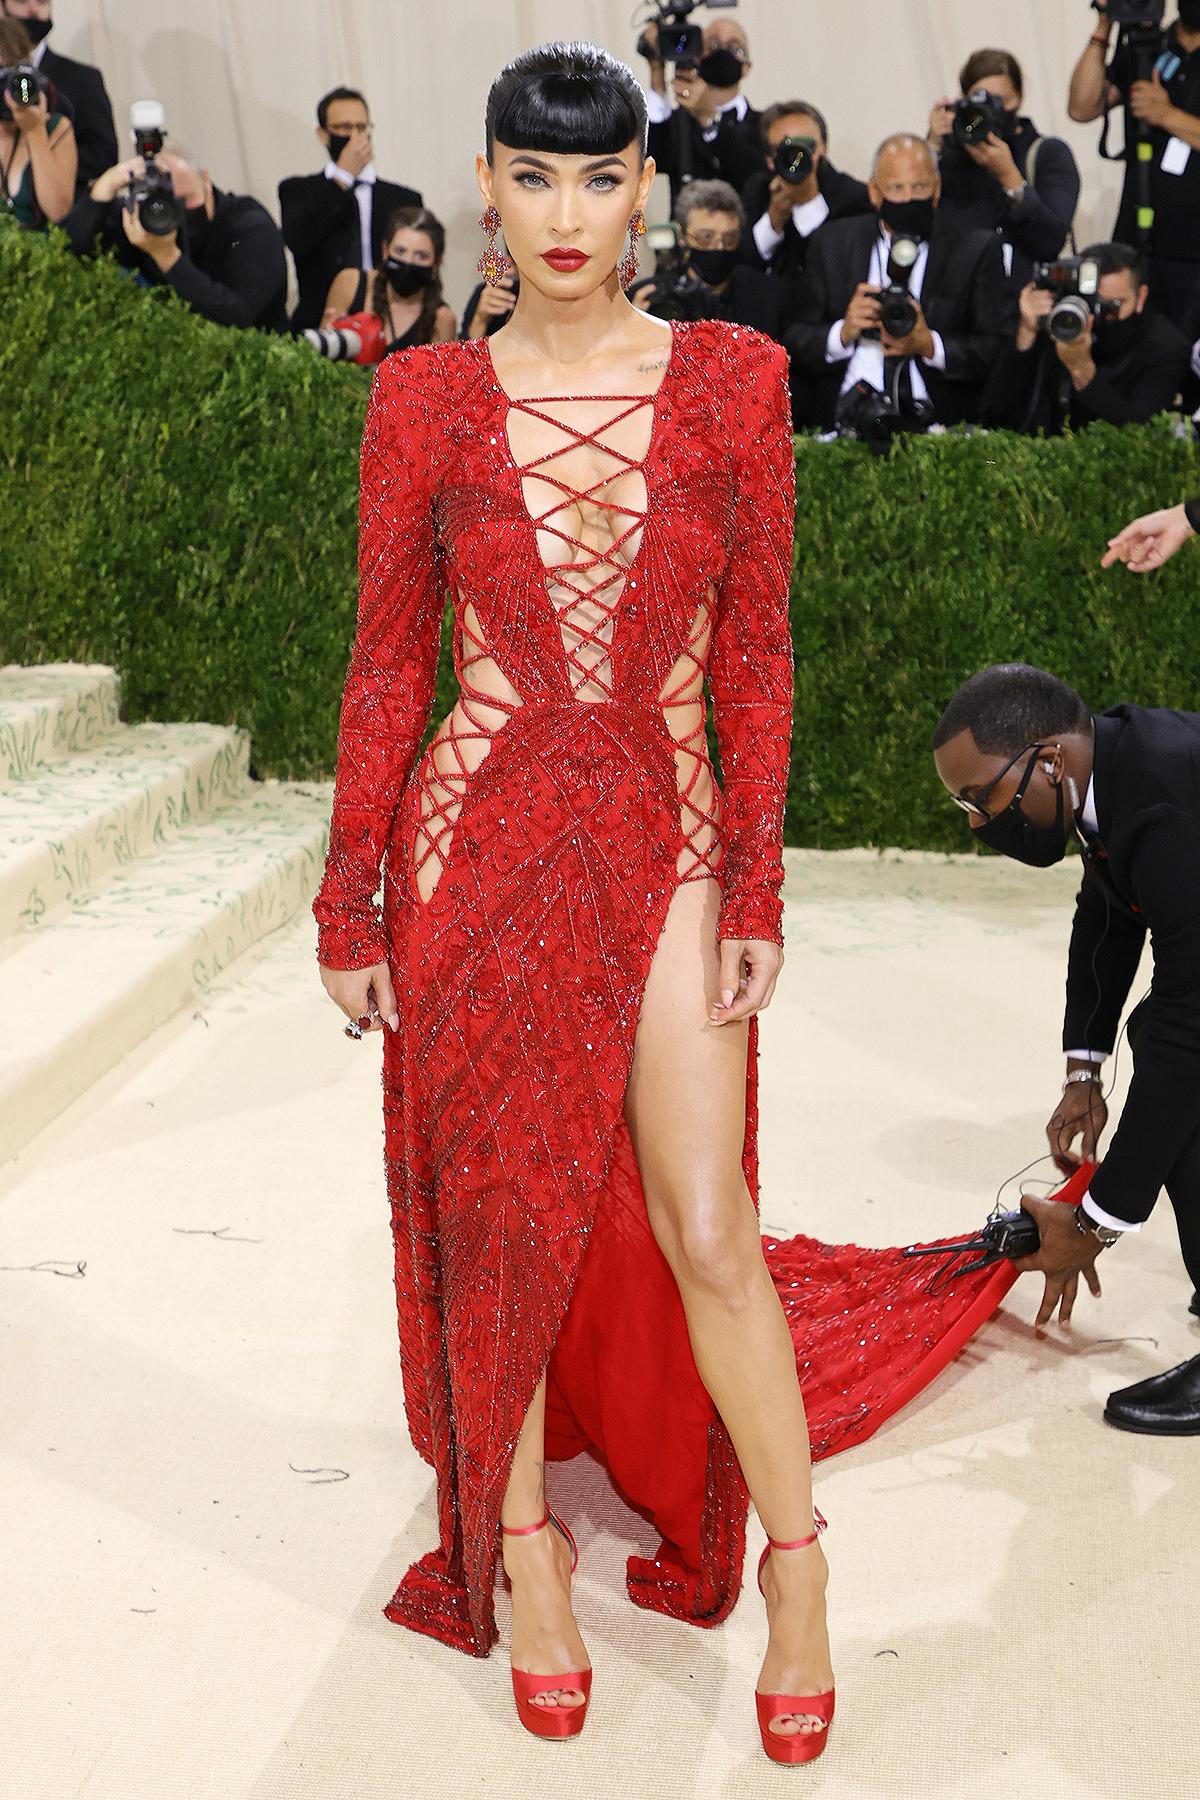 Megan Foxchọn choMet Gala khác hẳn sự kiện trước đó nhưng vẫn vô cùng sexy. Nữ diễn viên nói cô không hề chịu sức ép khi nhiều năm qua luôn được coi là 'biểu tượng sex' của Hollywood.